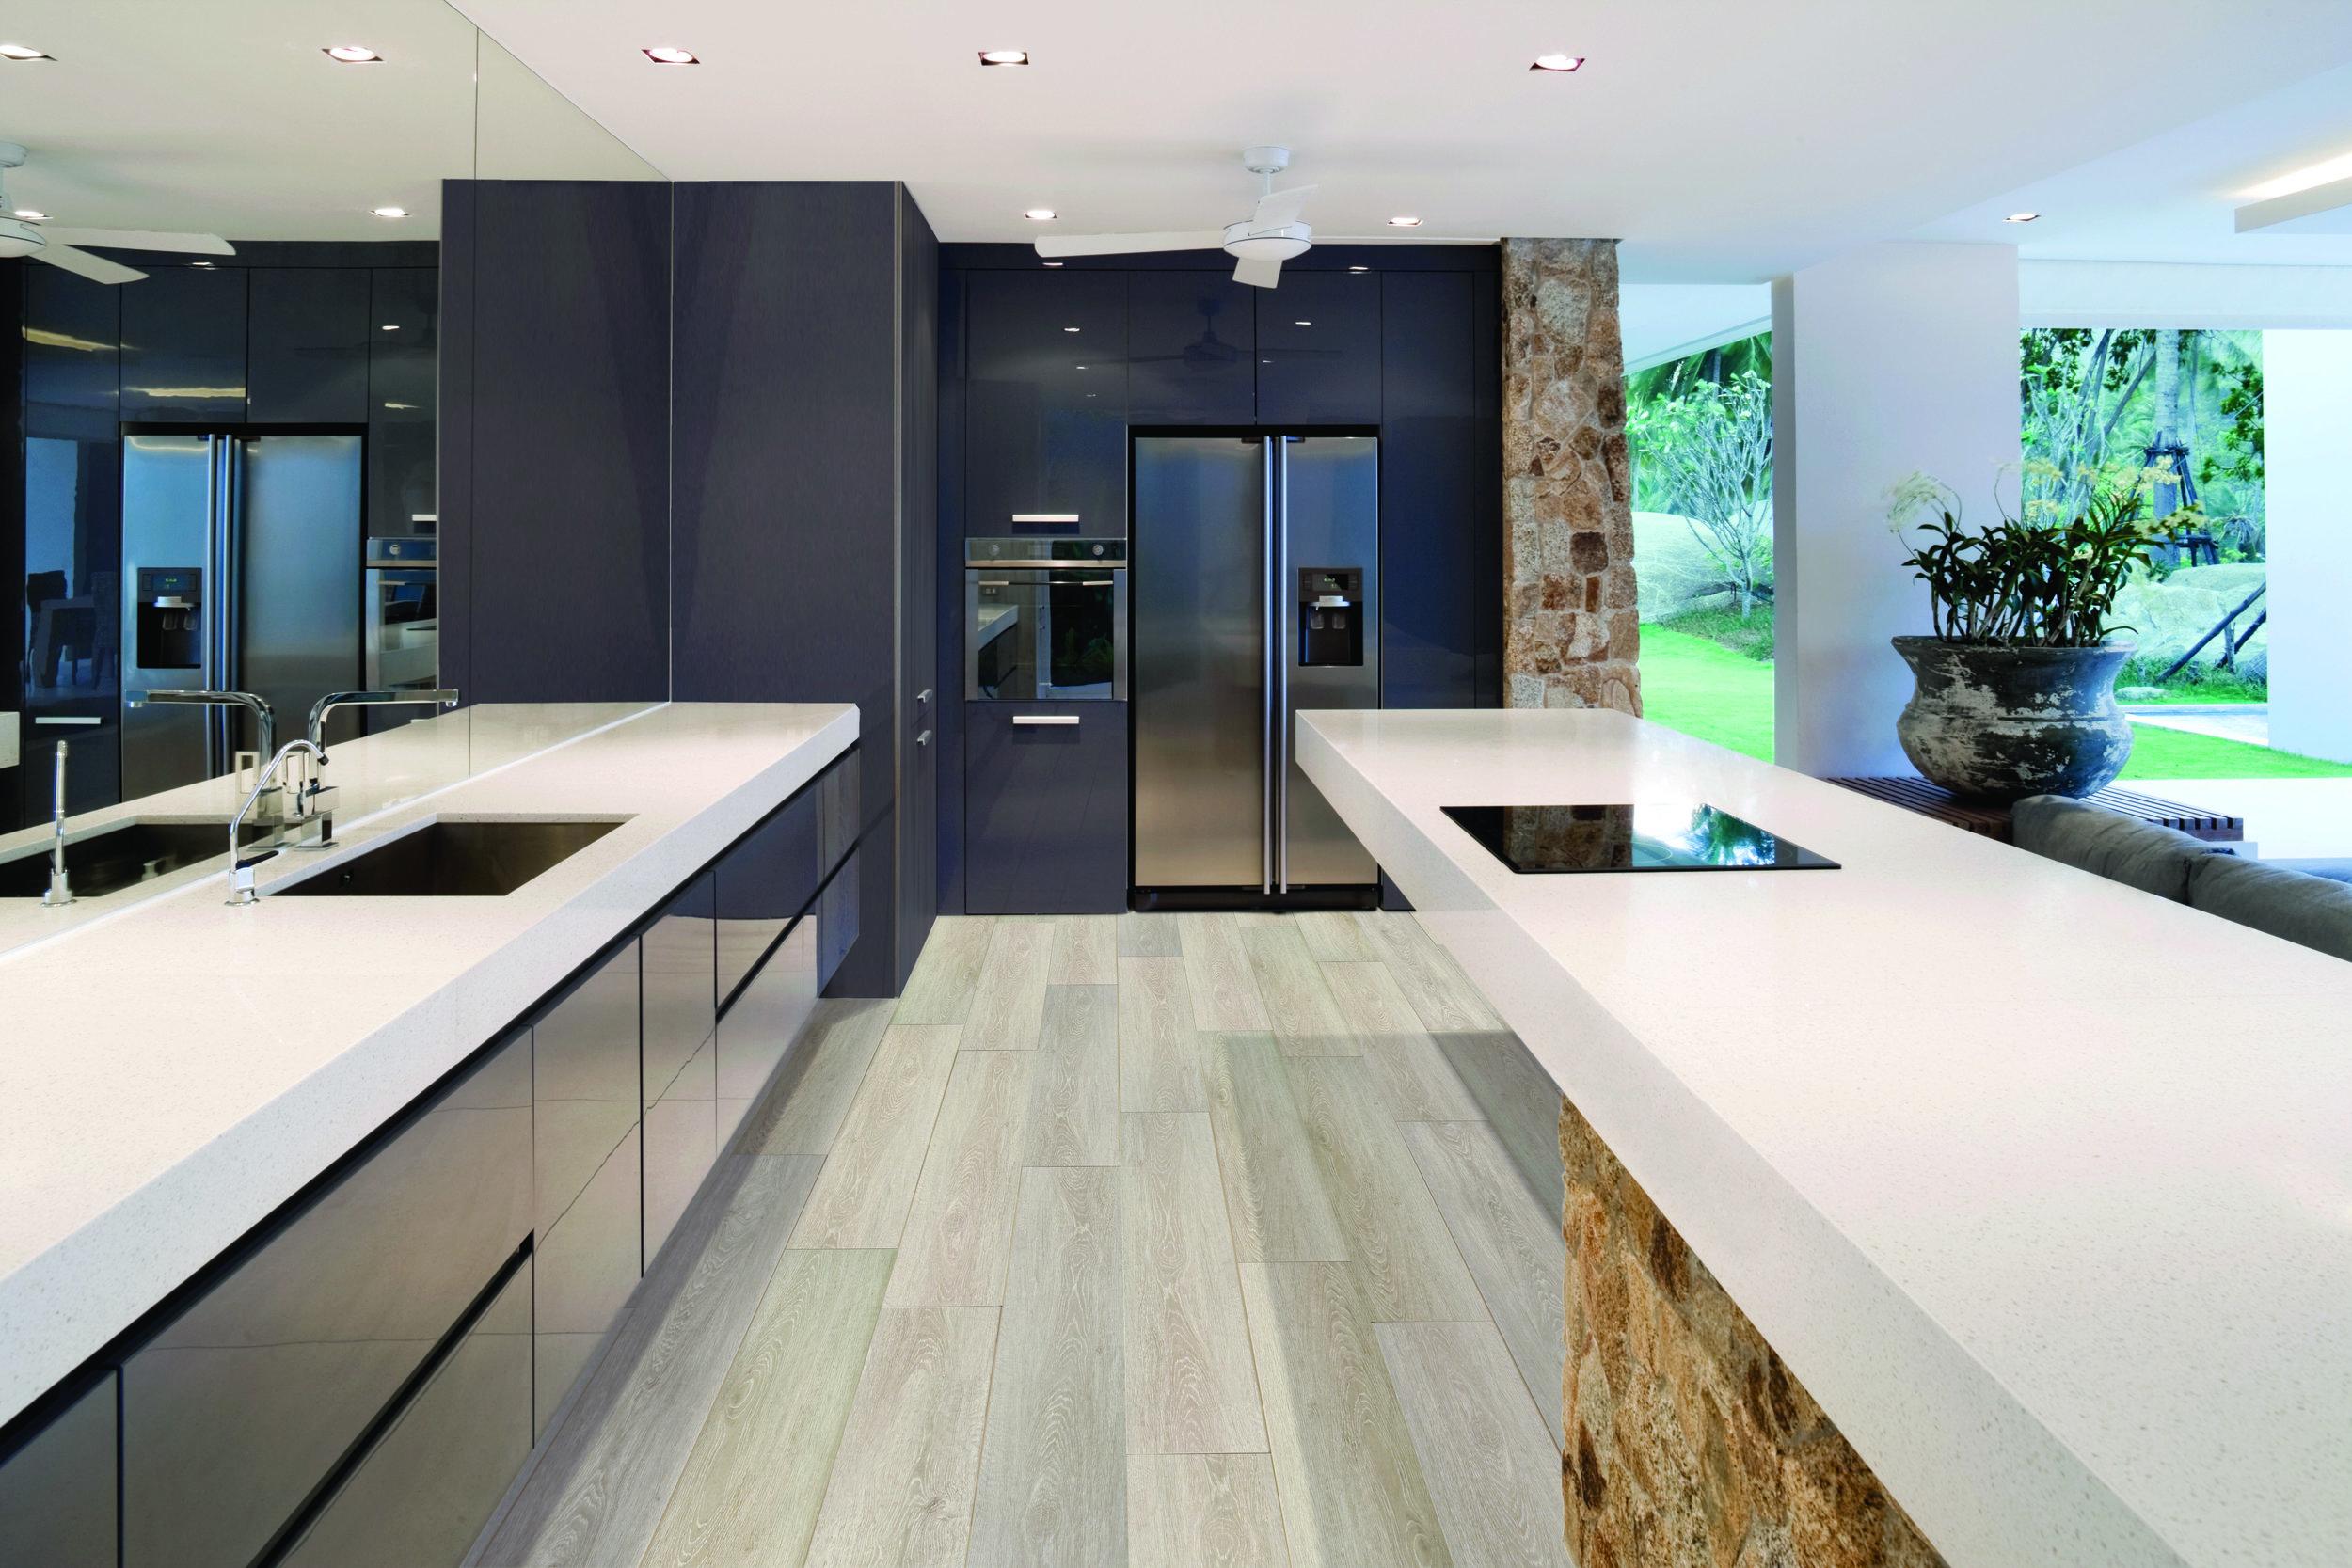 Seacliff kitchen 10_31-2018. small.jpg